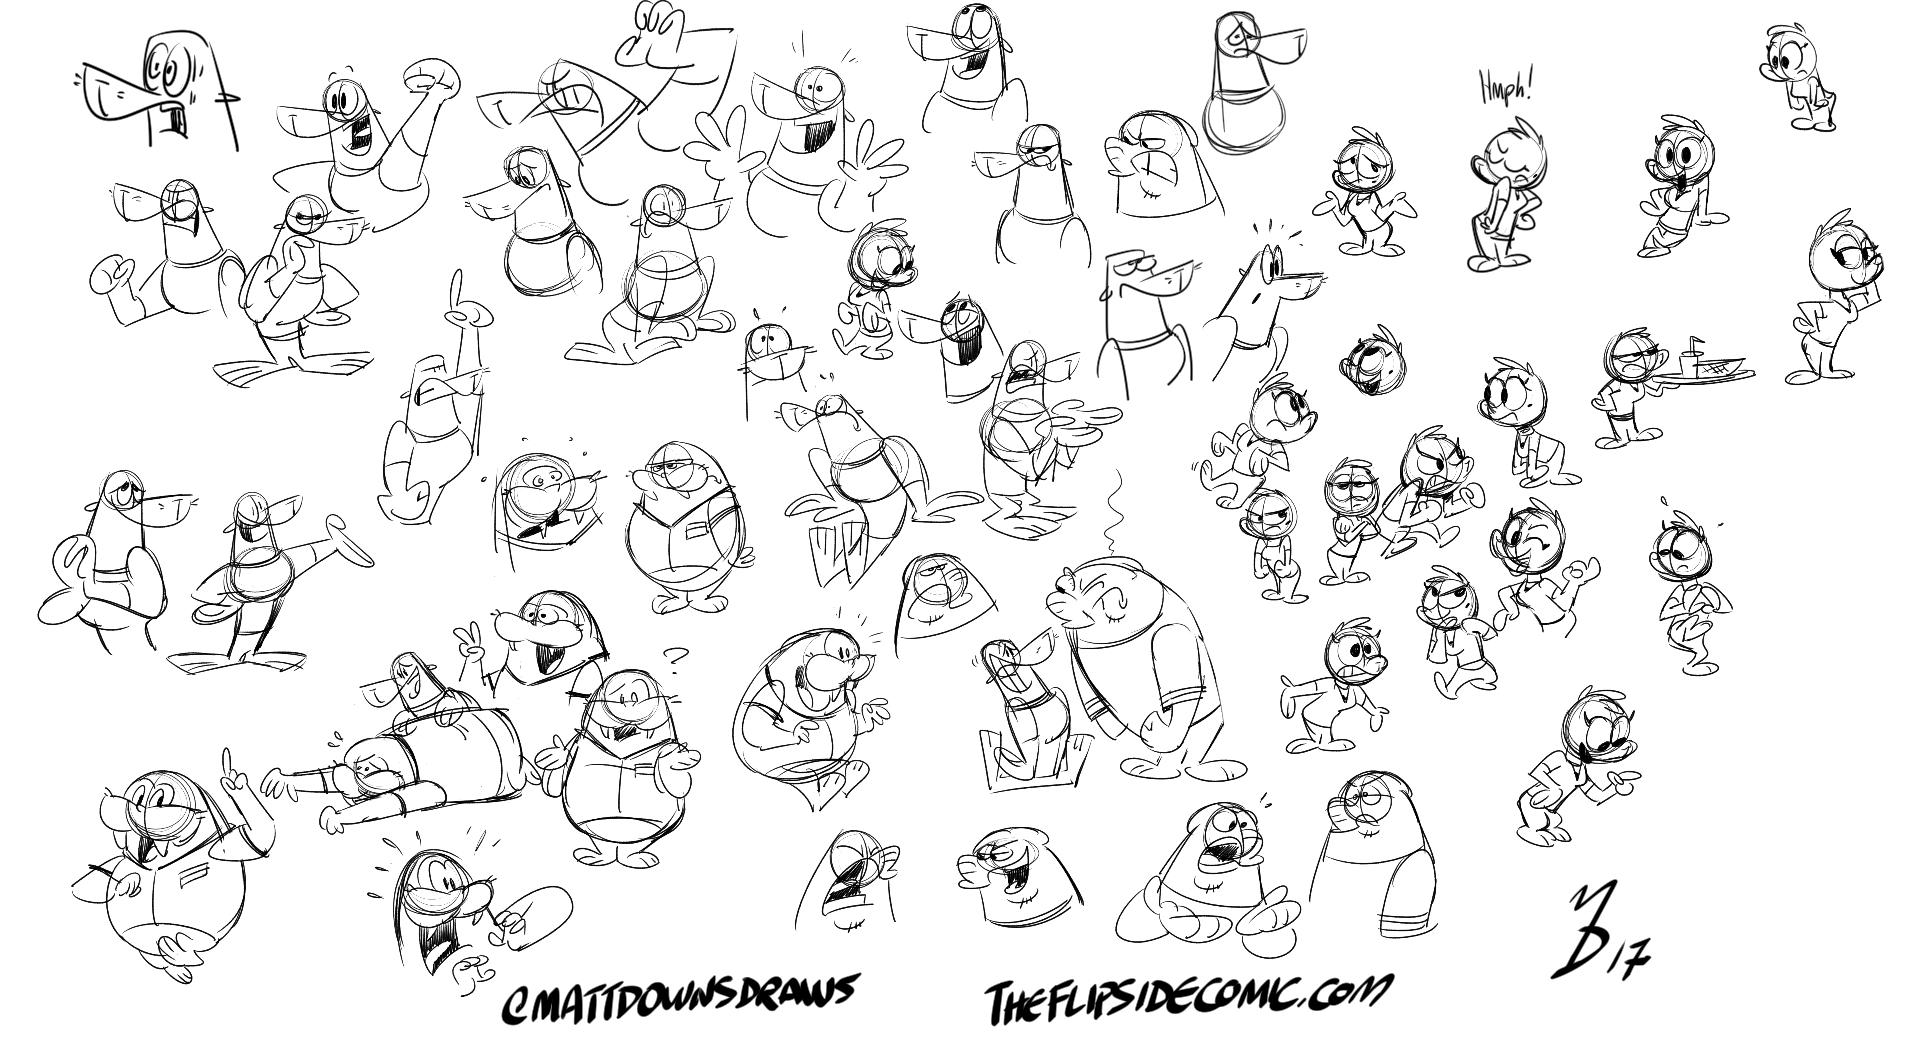 mdd_flipside doodles